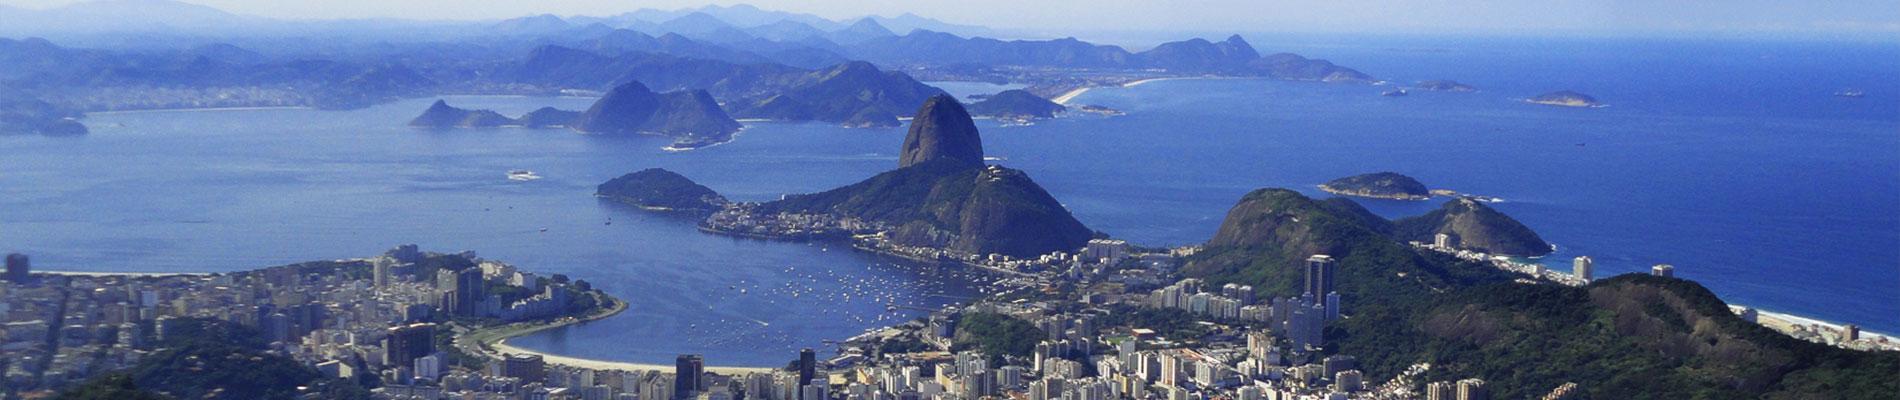 Travel to Brazil | Terra Brazil local travel agency in Rio